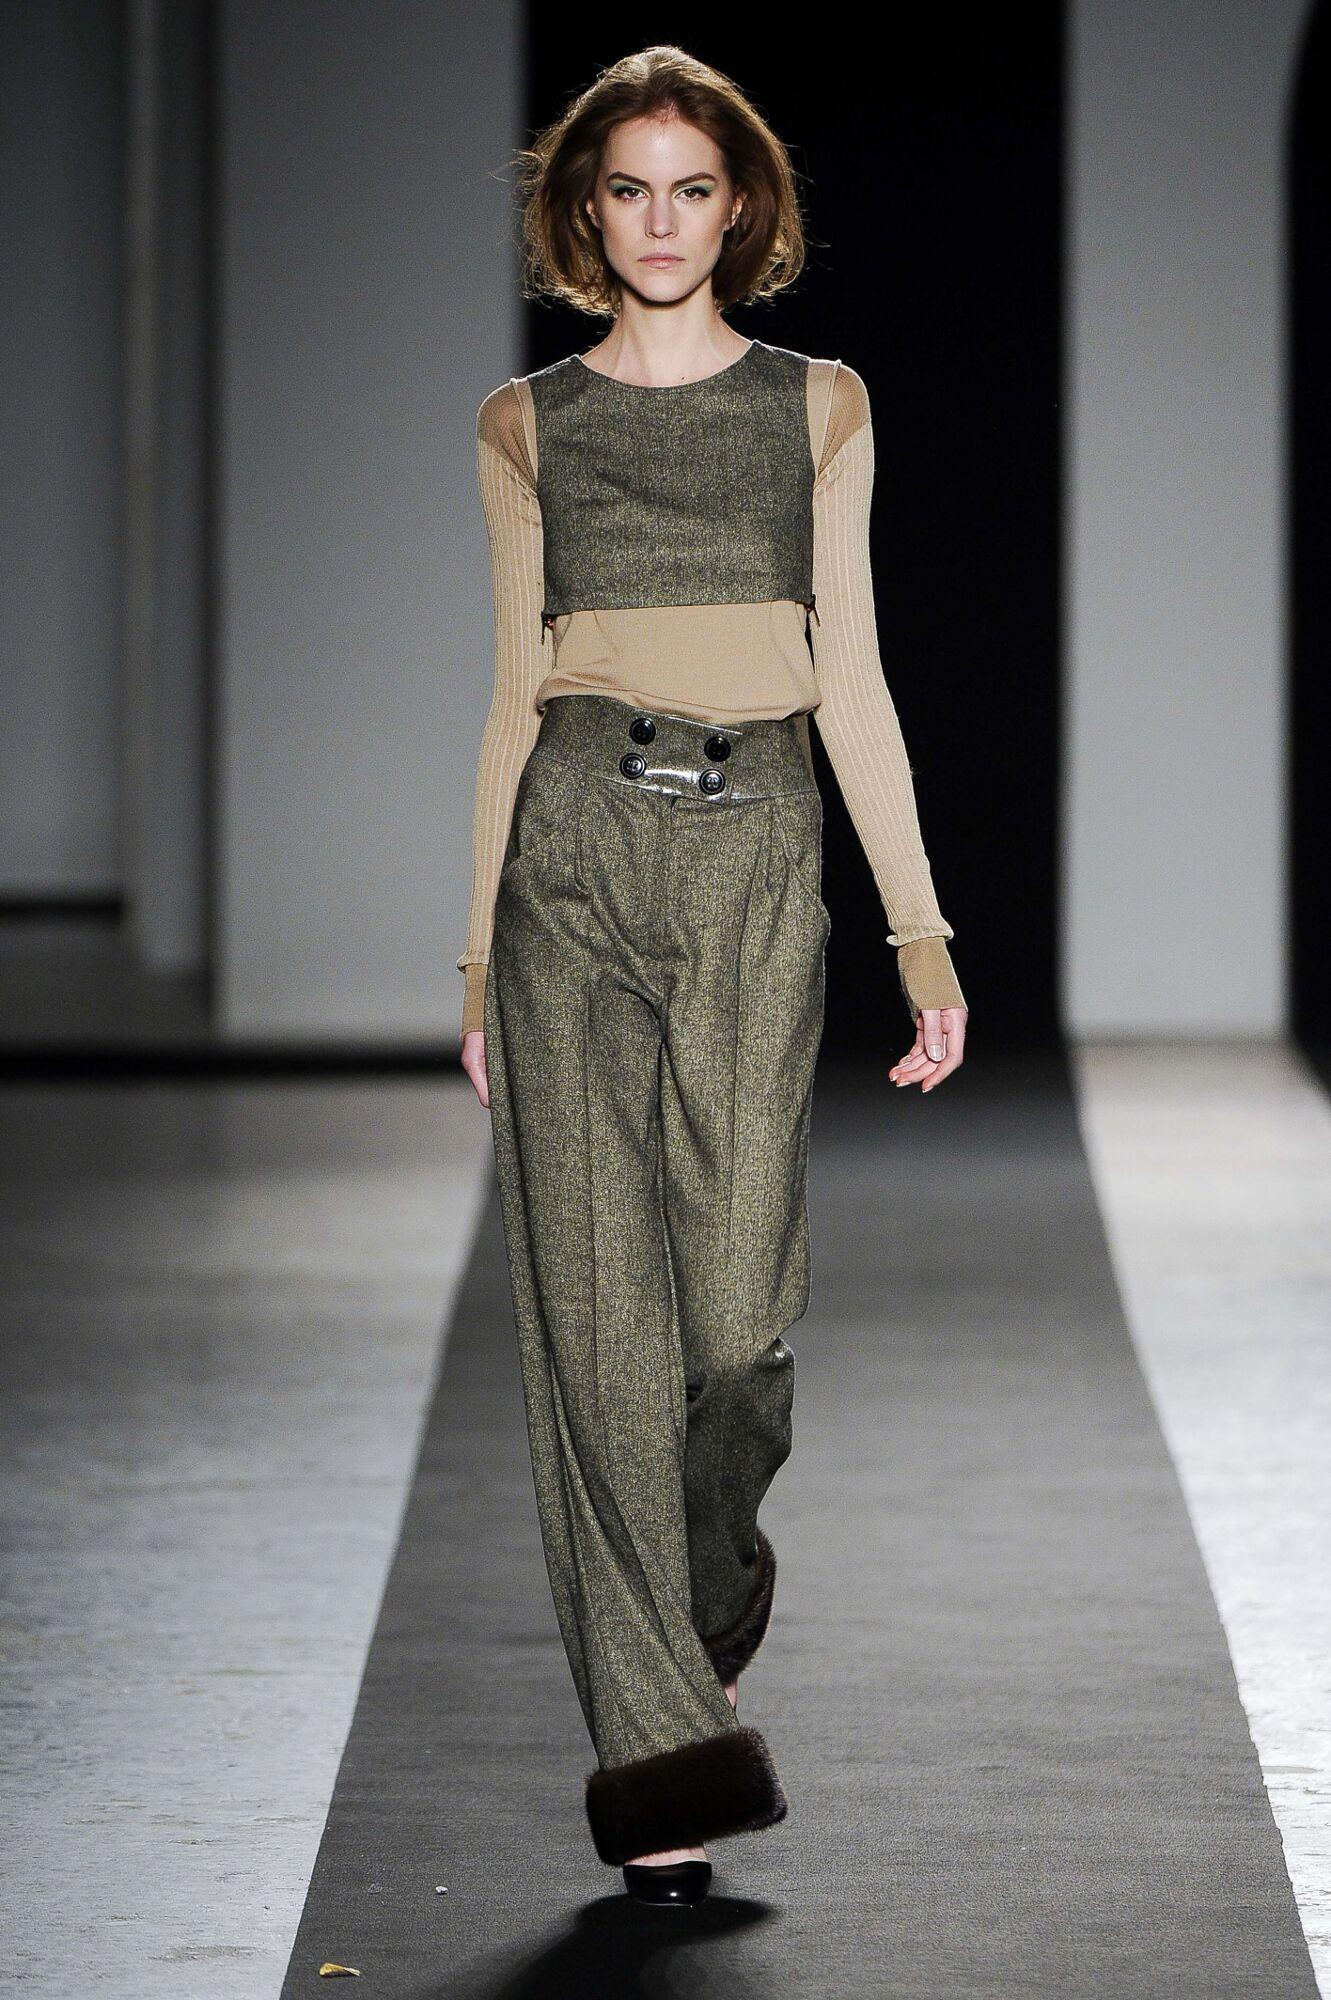 Andrea Incontri Woman Style